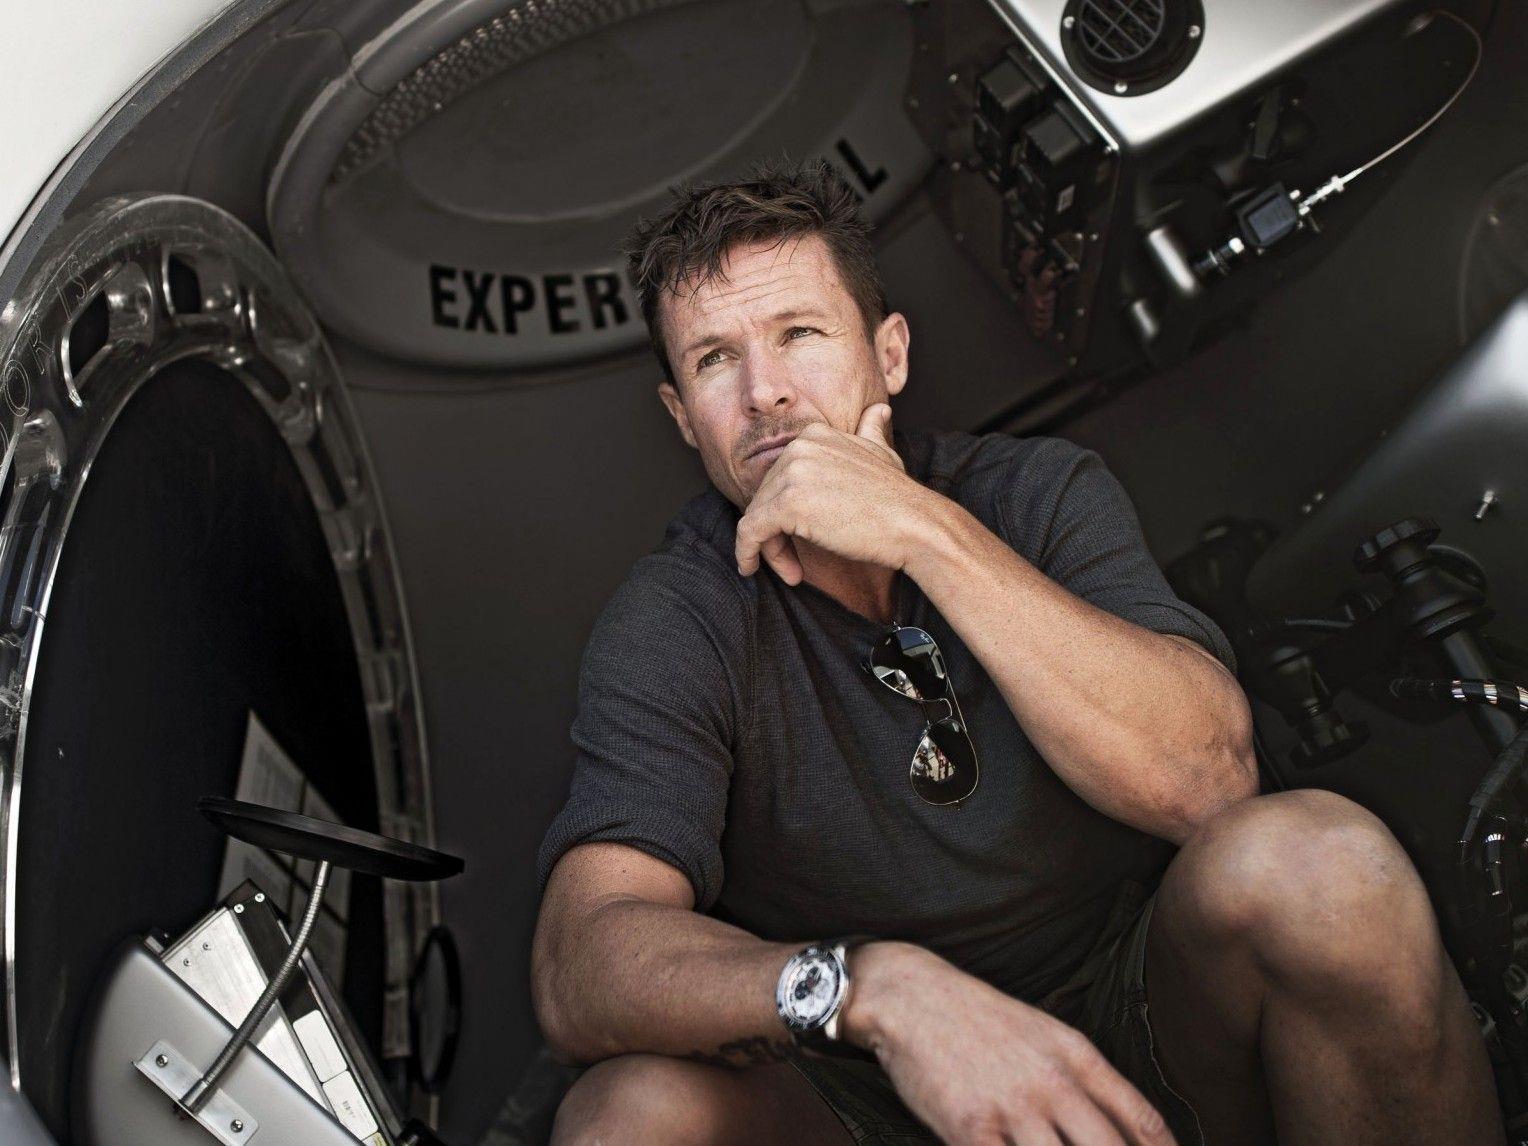 Live-Ticker: Felix Baumgartner wagt am Dienstag den Sprung aus der Stratosphäre.